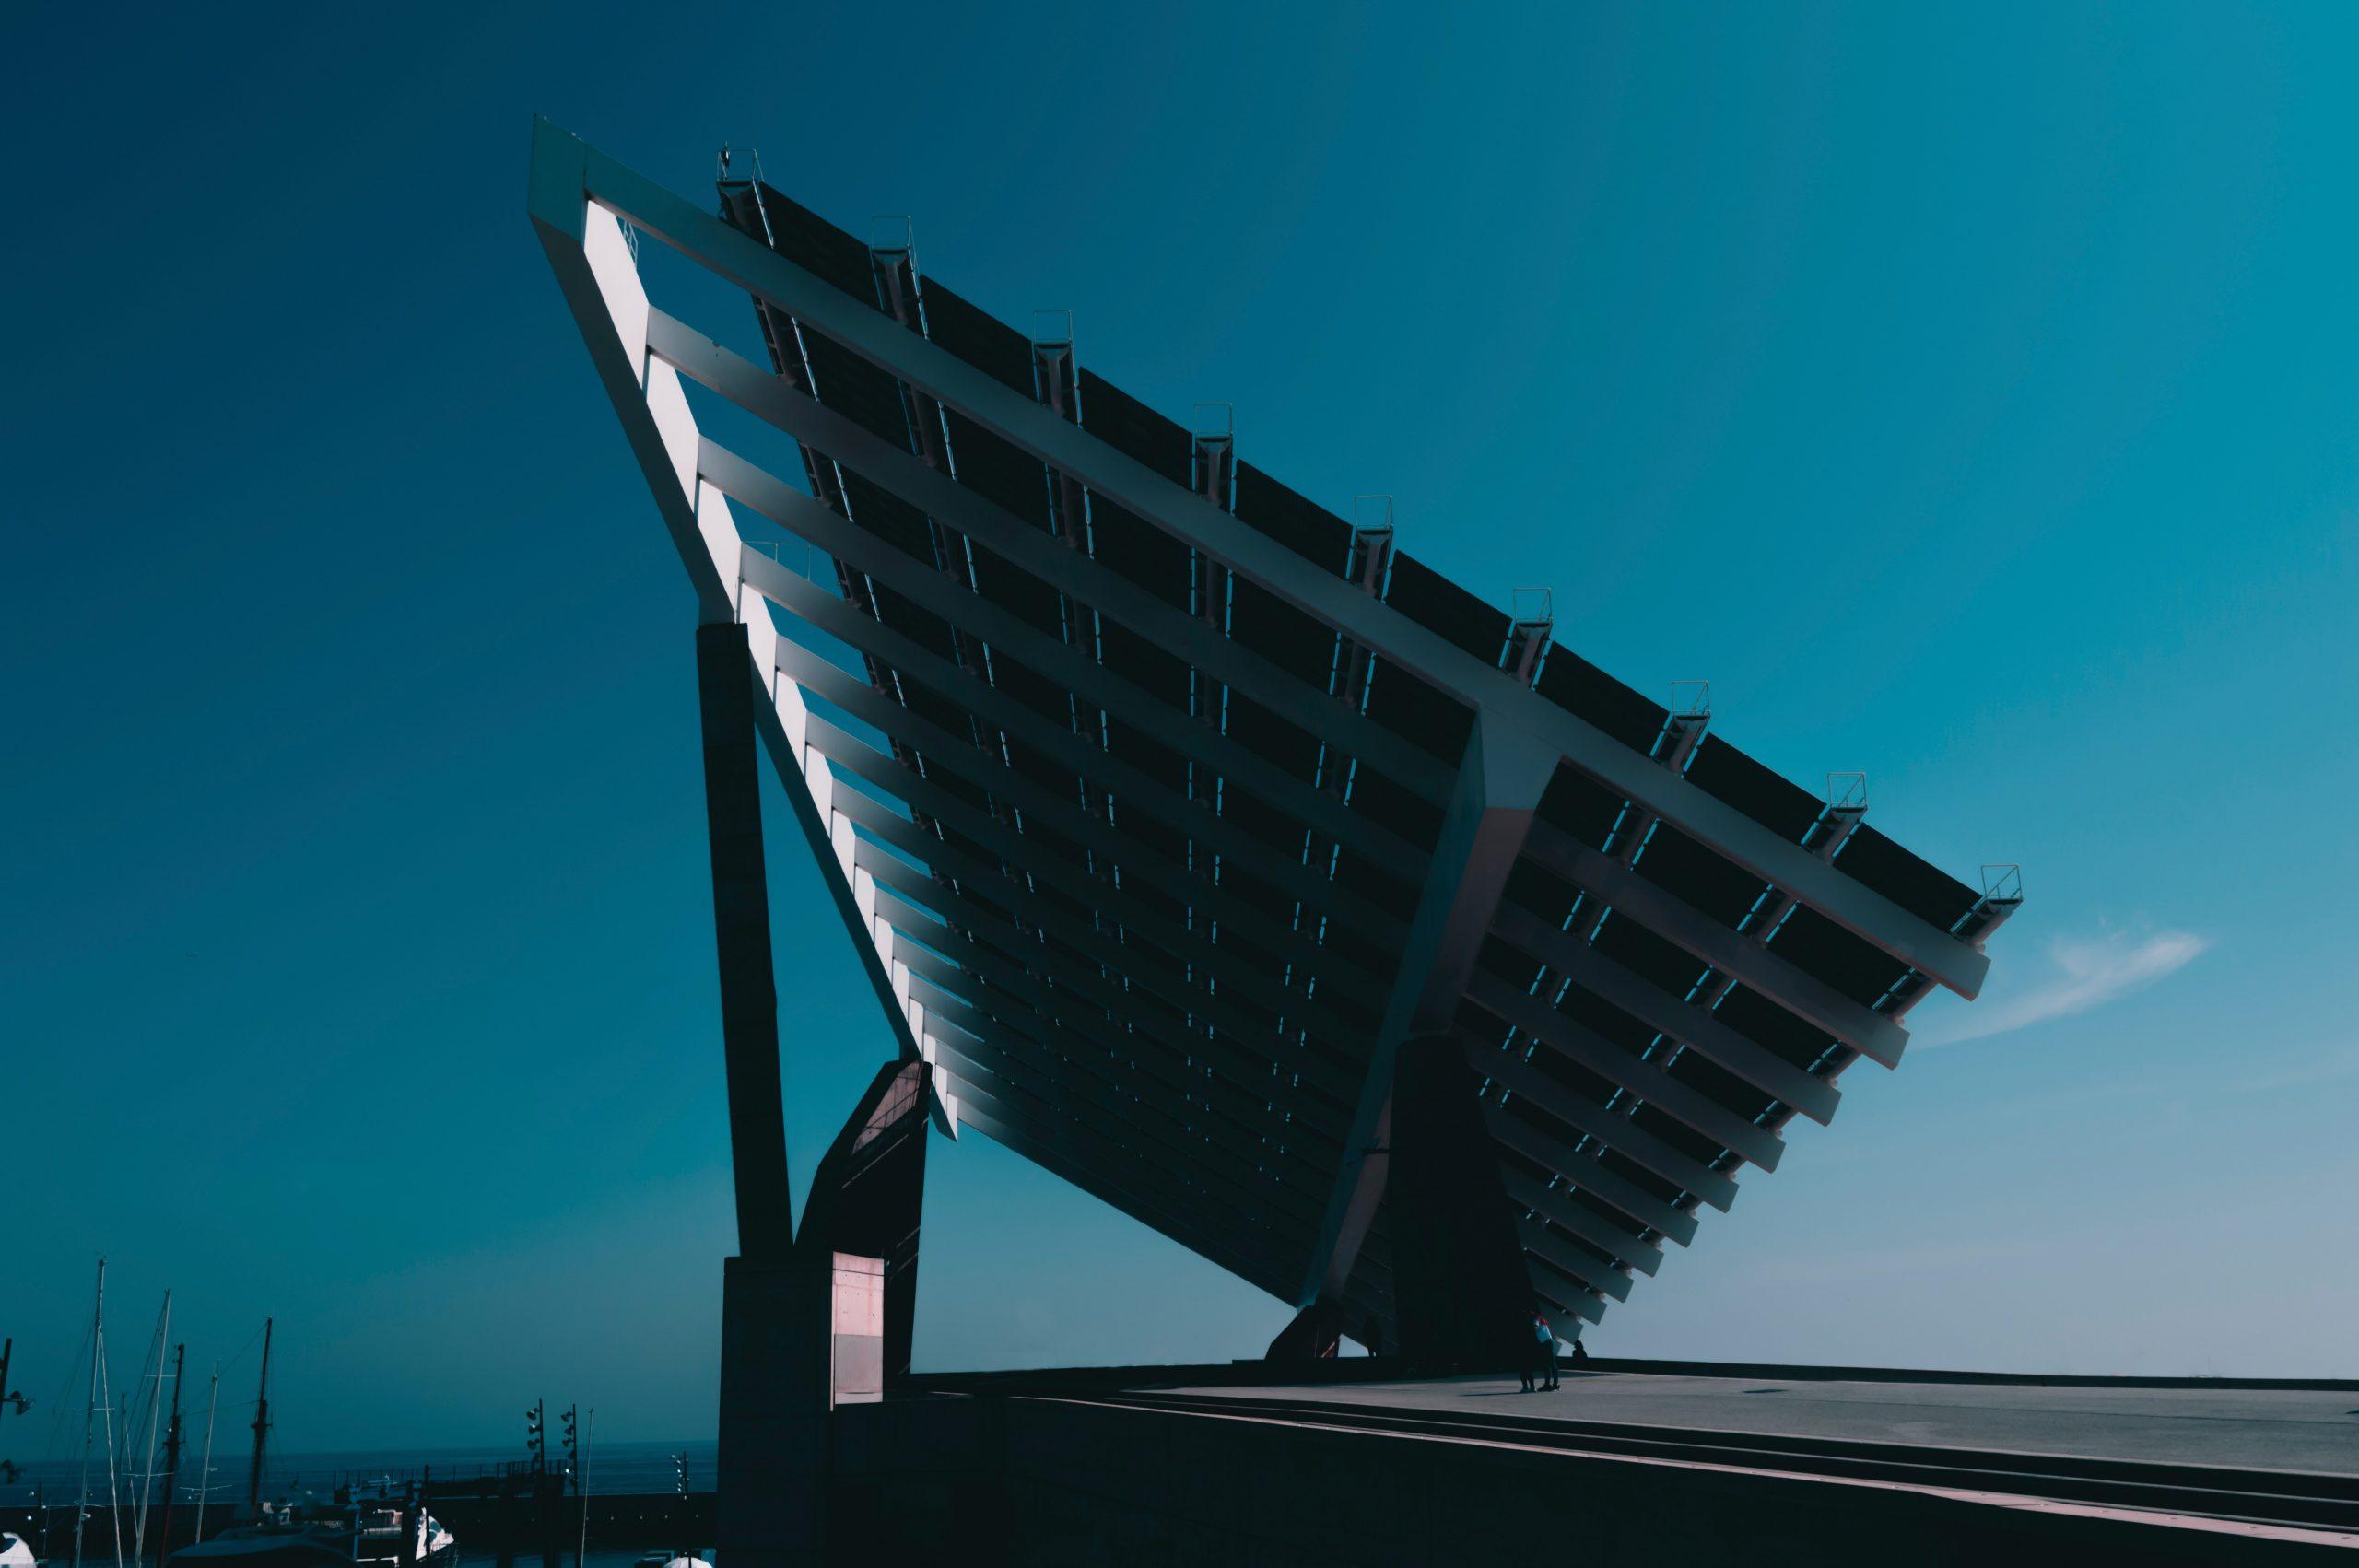 energies drive installateur RGe systèmes éléctriques et chauffages solaires